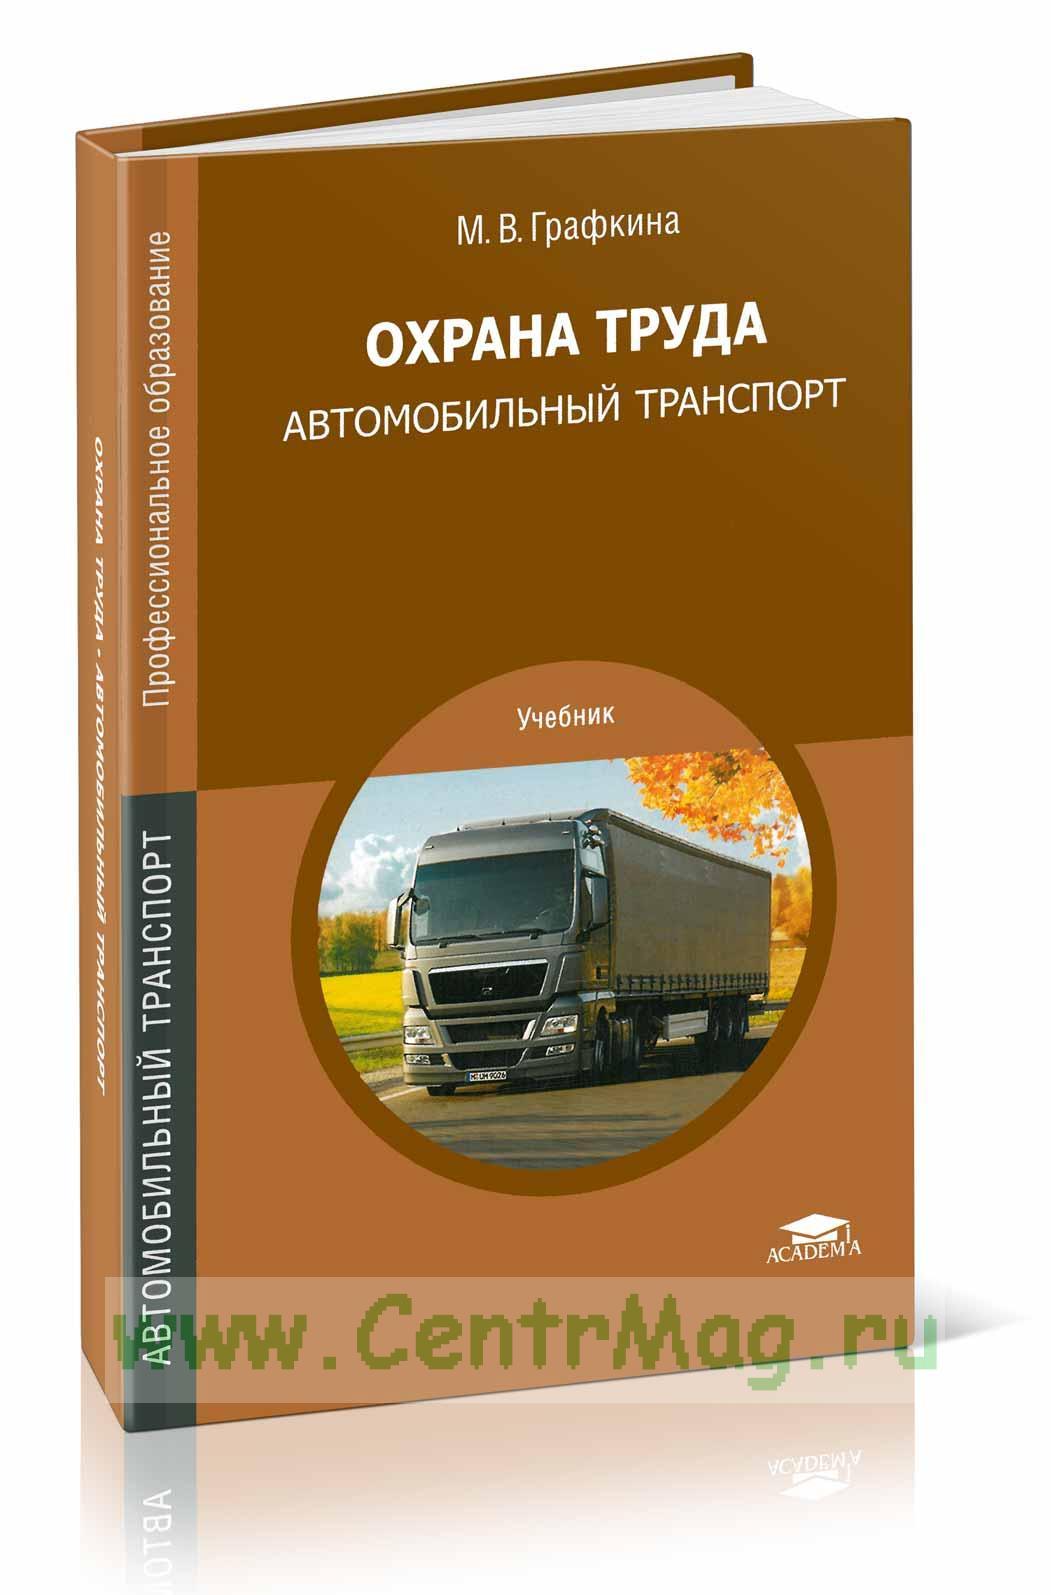 Охрана труда: Автомобильный транспорт: учебник (4-е издание, стереотипное)